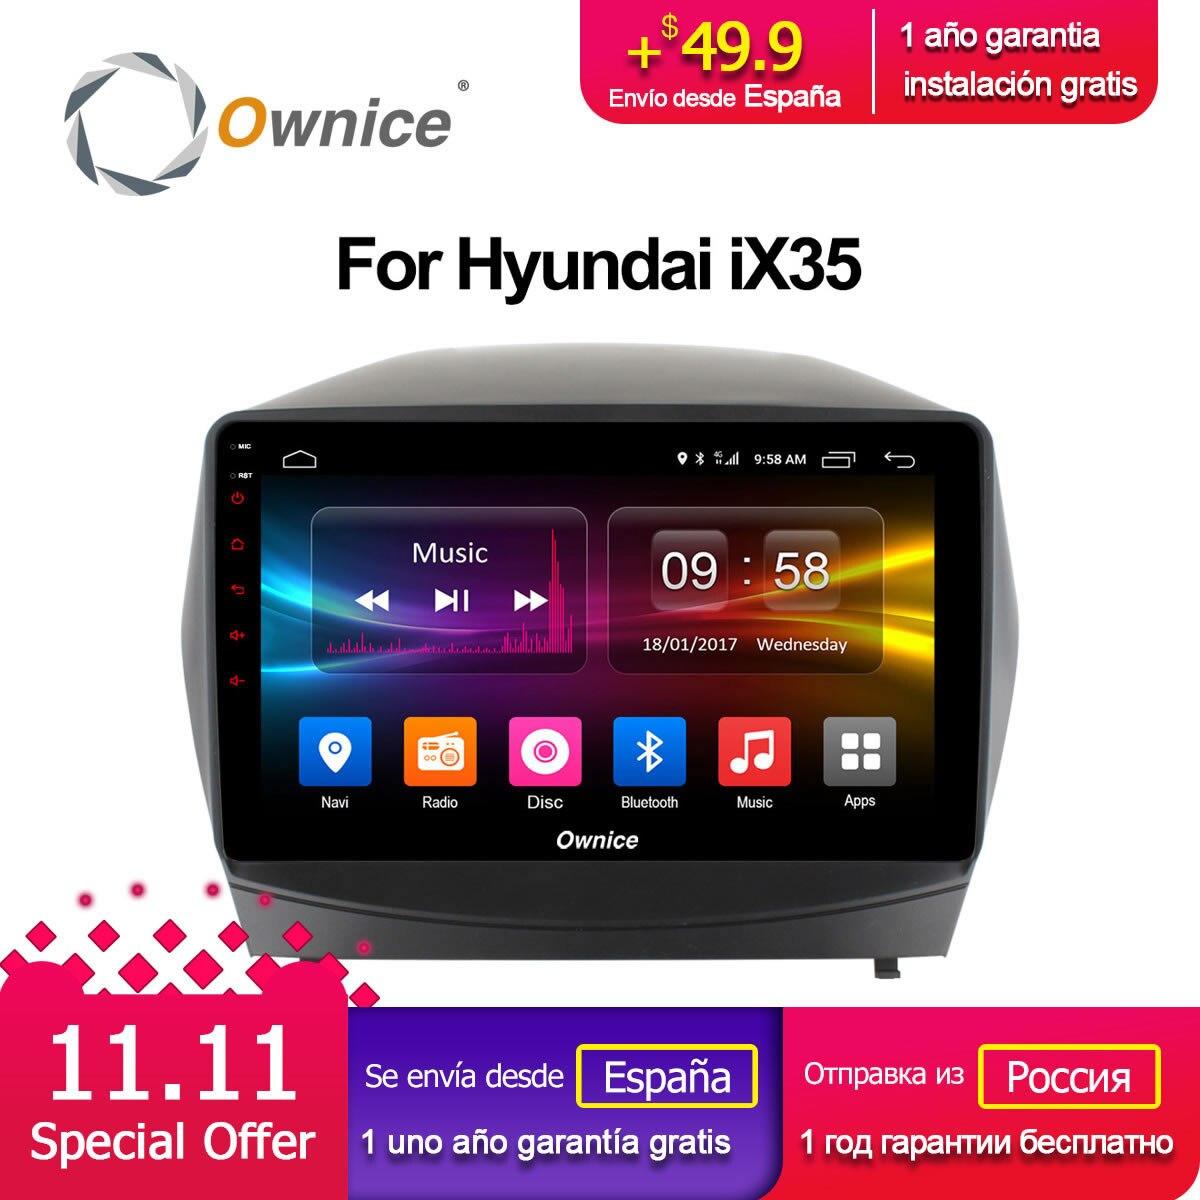 Ownice C500 + G10 Octa Acht Core Android 8.1 Auto radio DVD-spieler GPS für Hyundai iX35 2010-2015 2g RAM 32g ROM Unterstützung 4g LTE